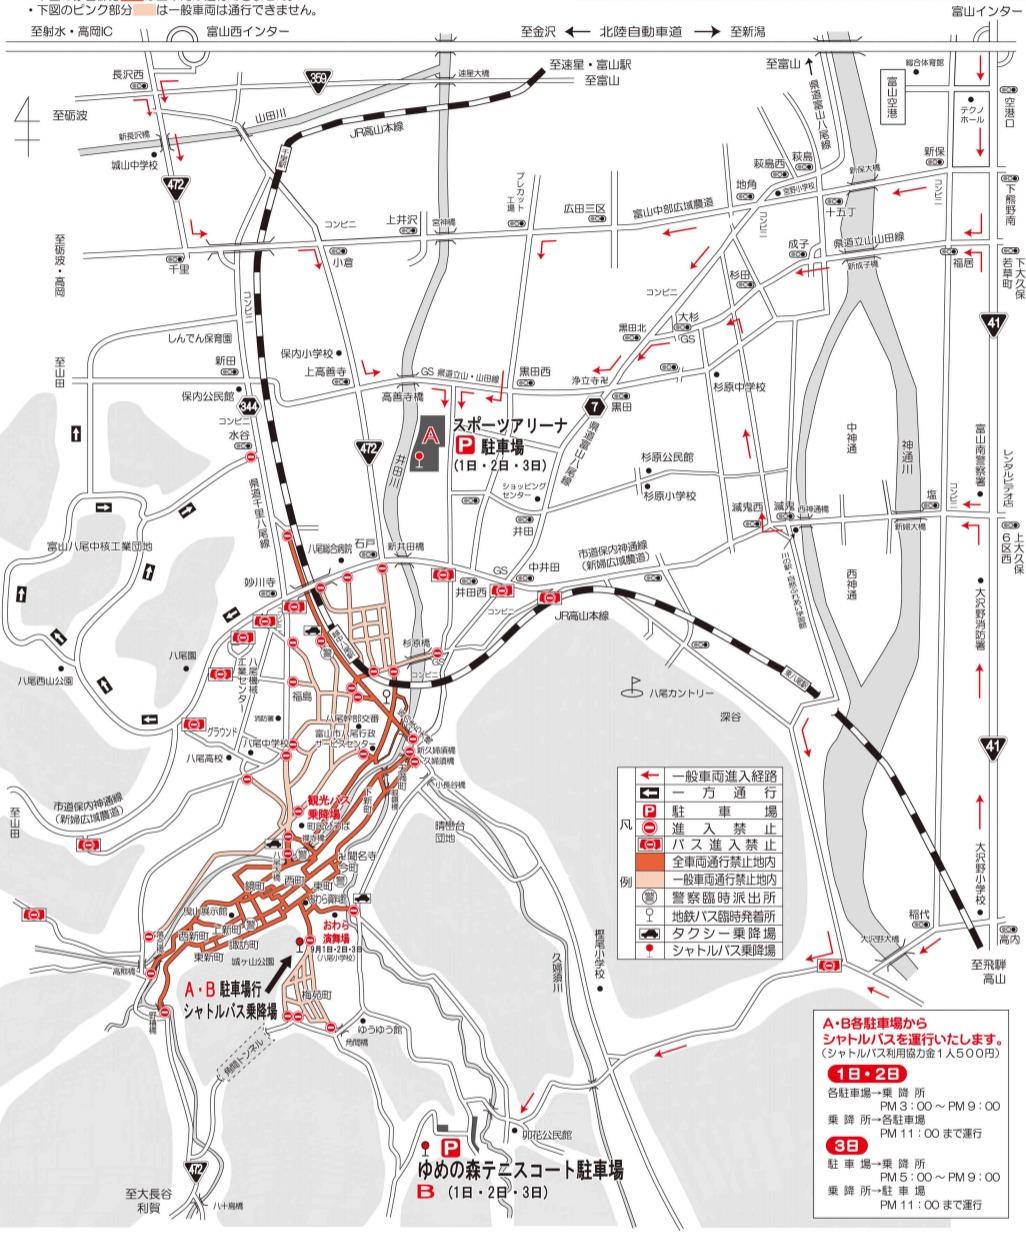 越中おわら風の盆 交通規制 駐車場 地図